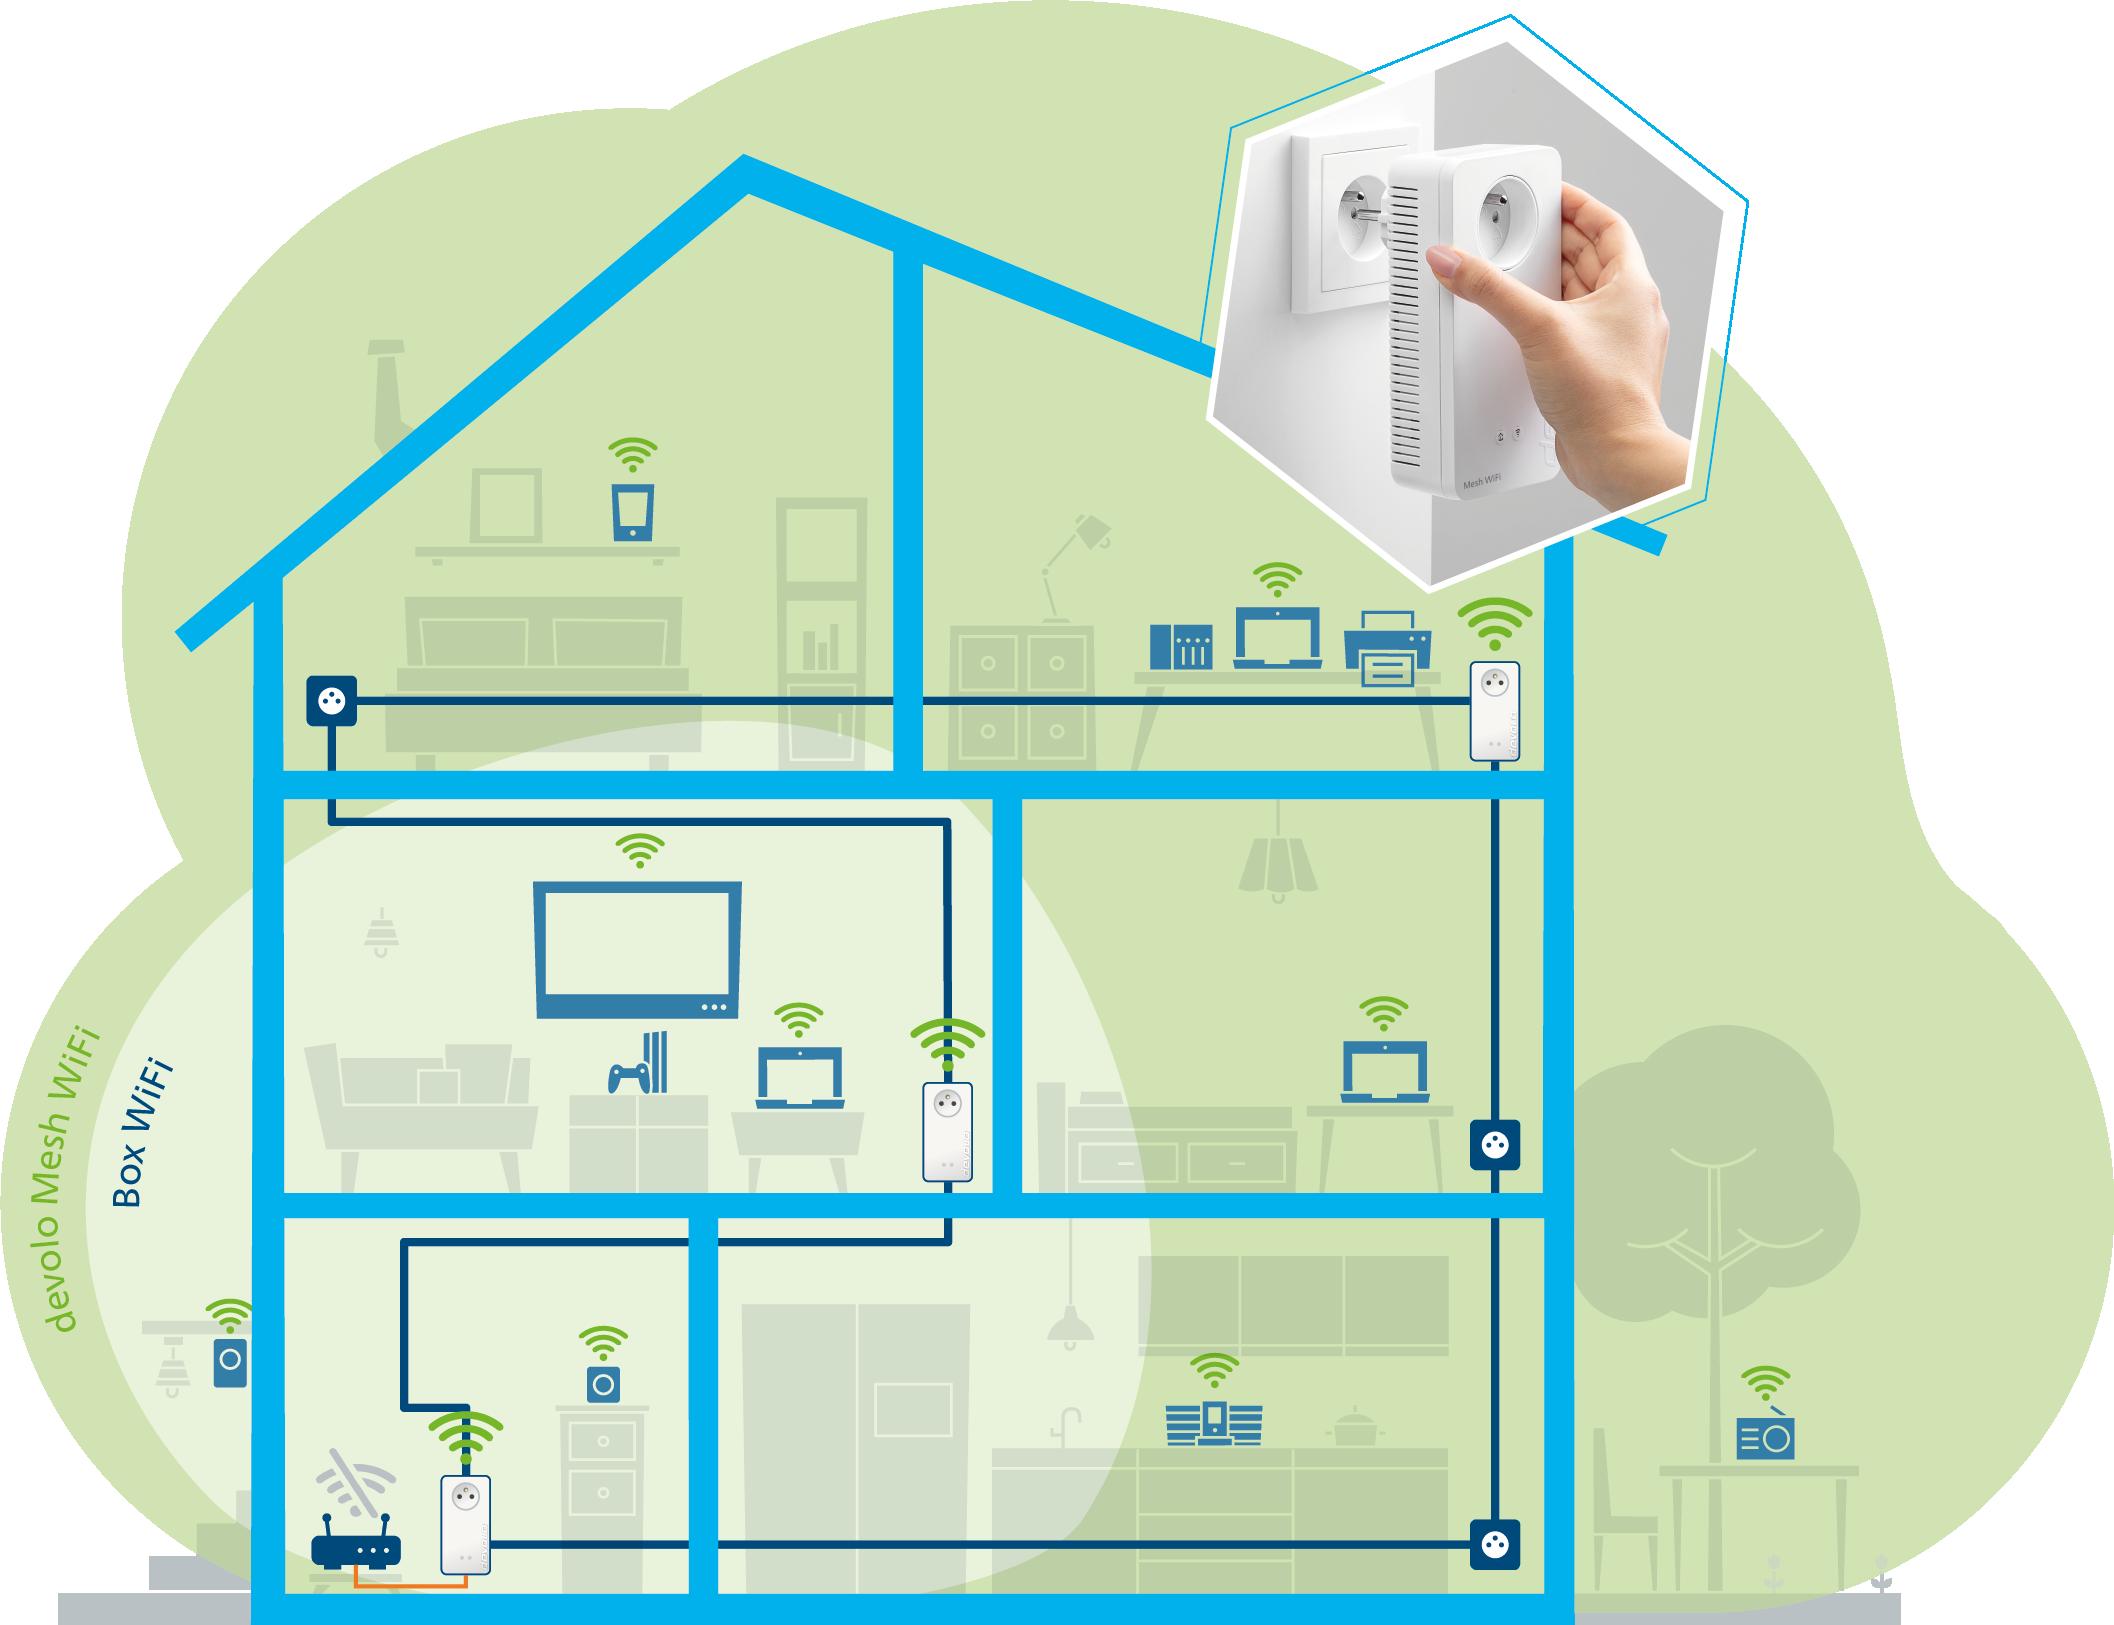 jusqu'à cent appareils réseau bénéficient d'une performance Wi-Fi Gigabit maximale avec le devolo Wi-Fi Mesh